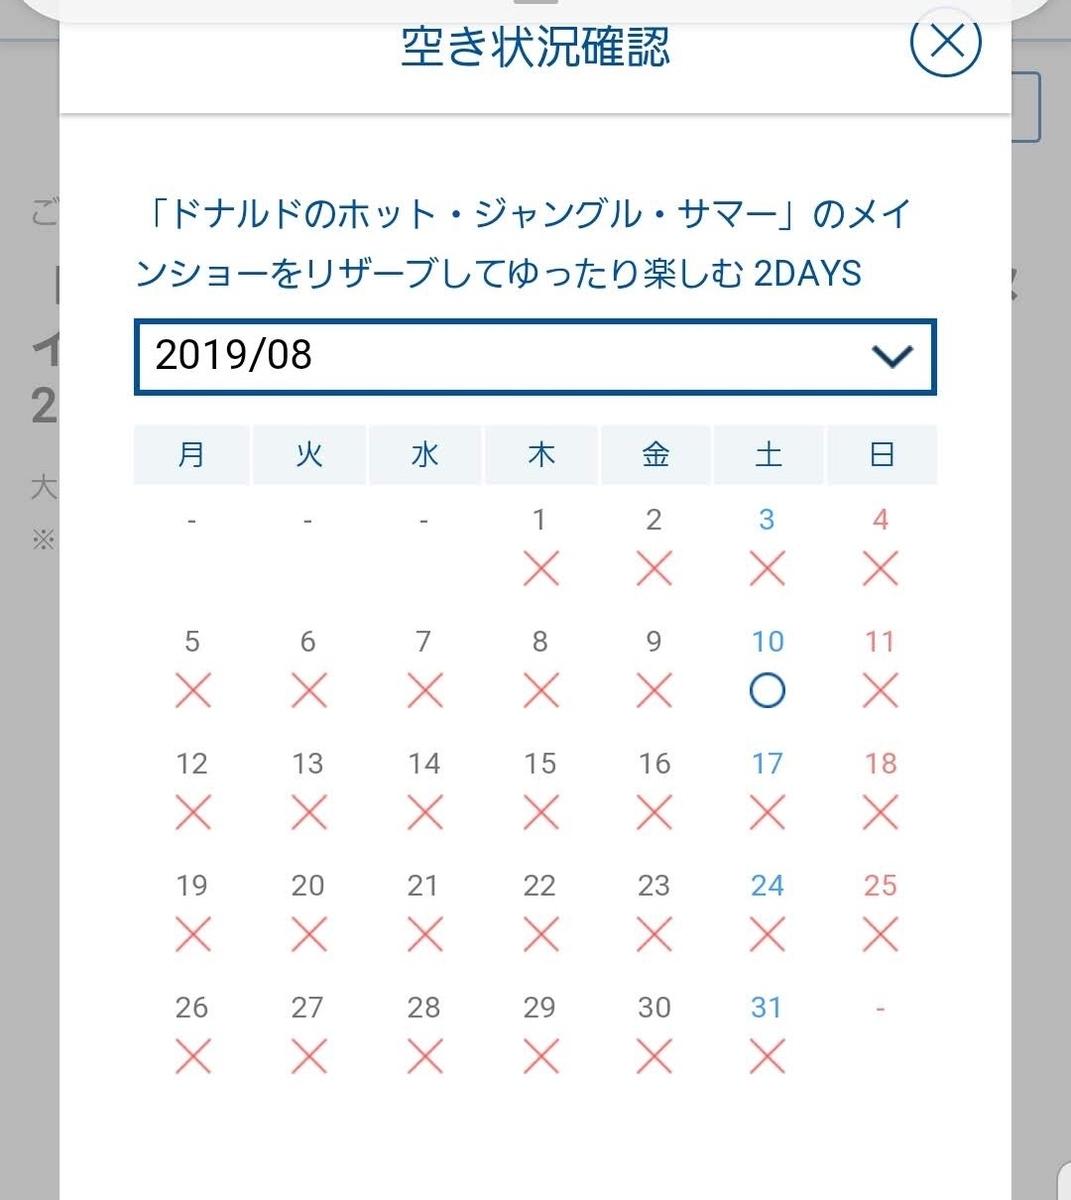 f:id:chikochikorin:20190720171504j:plain